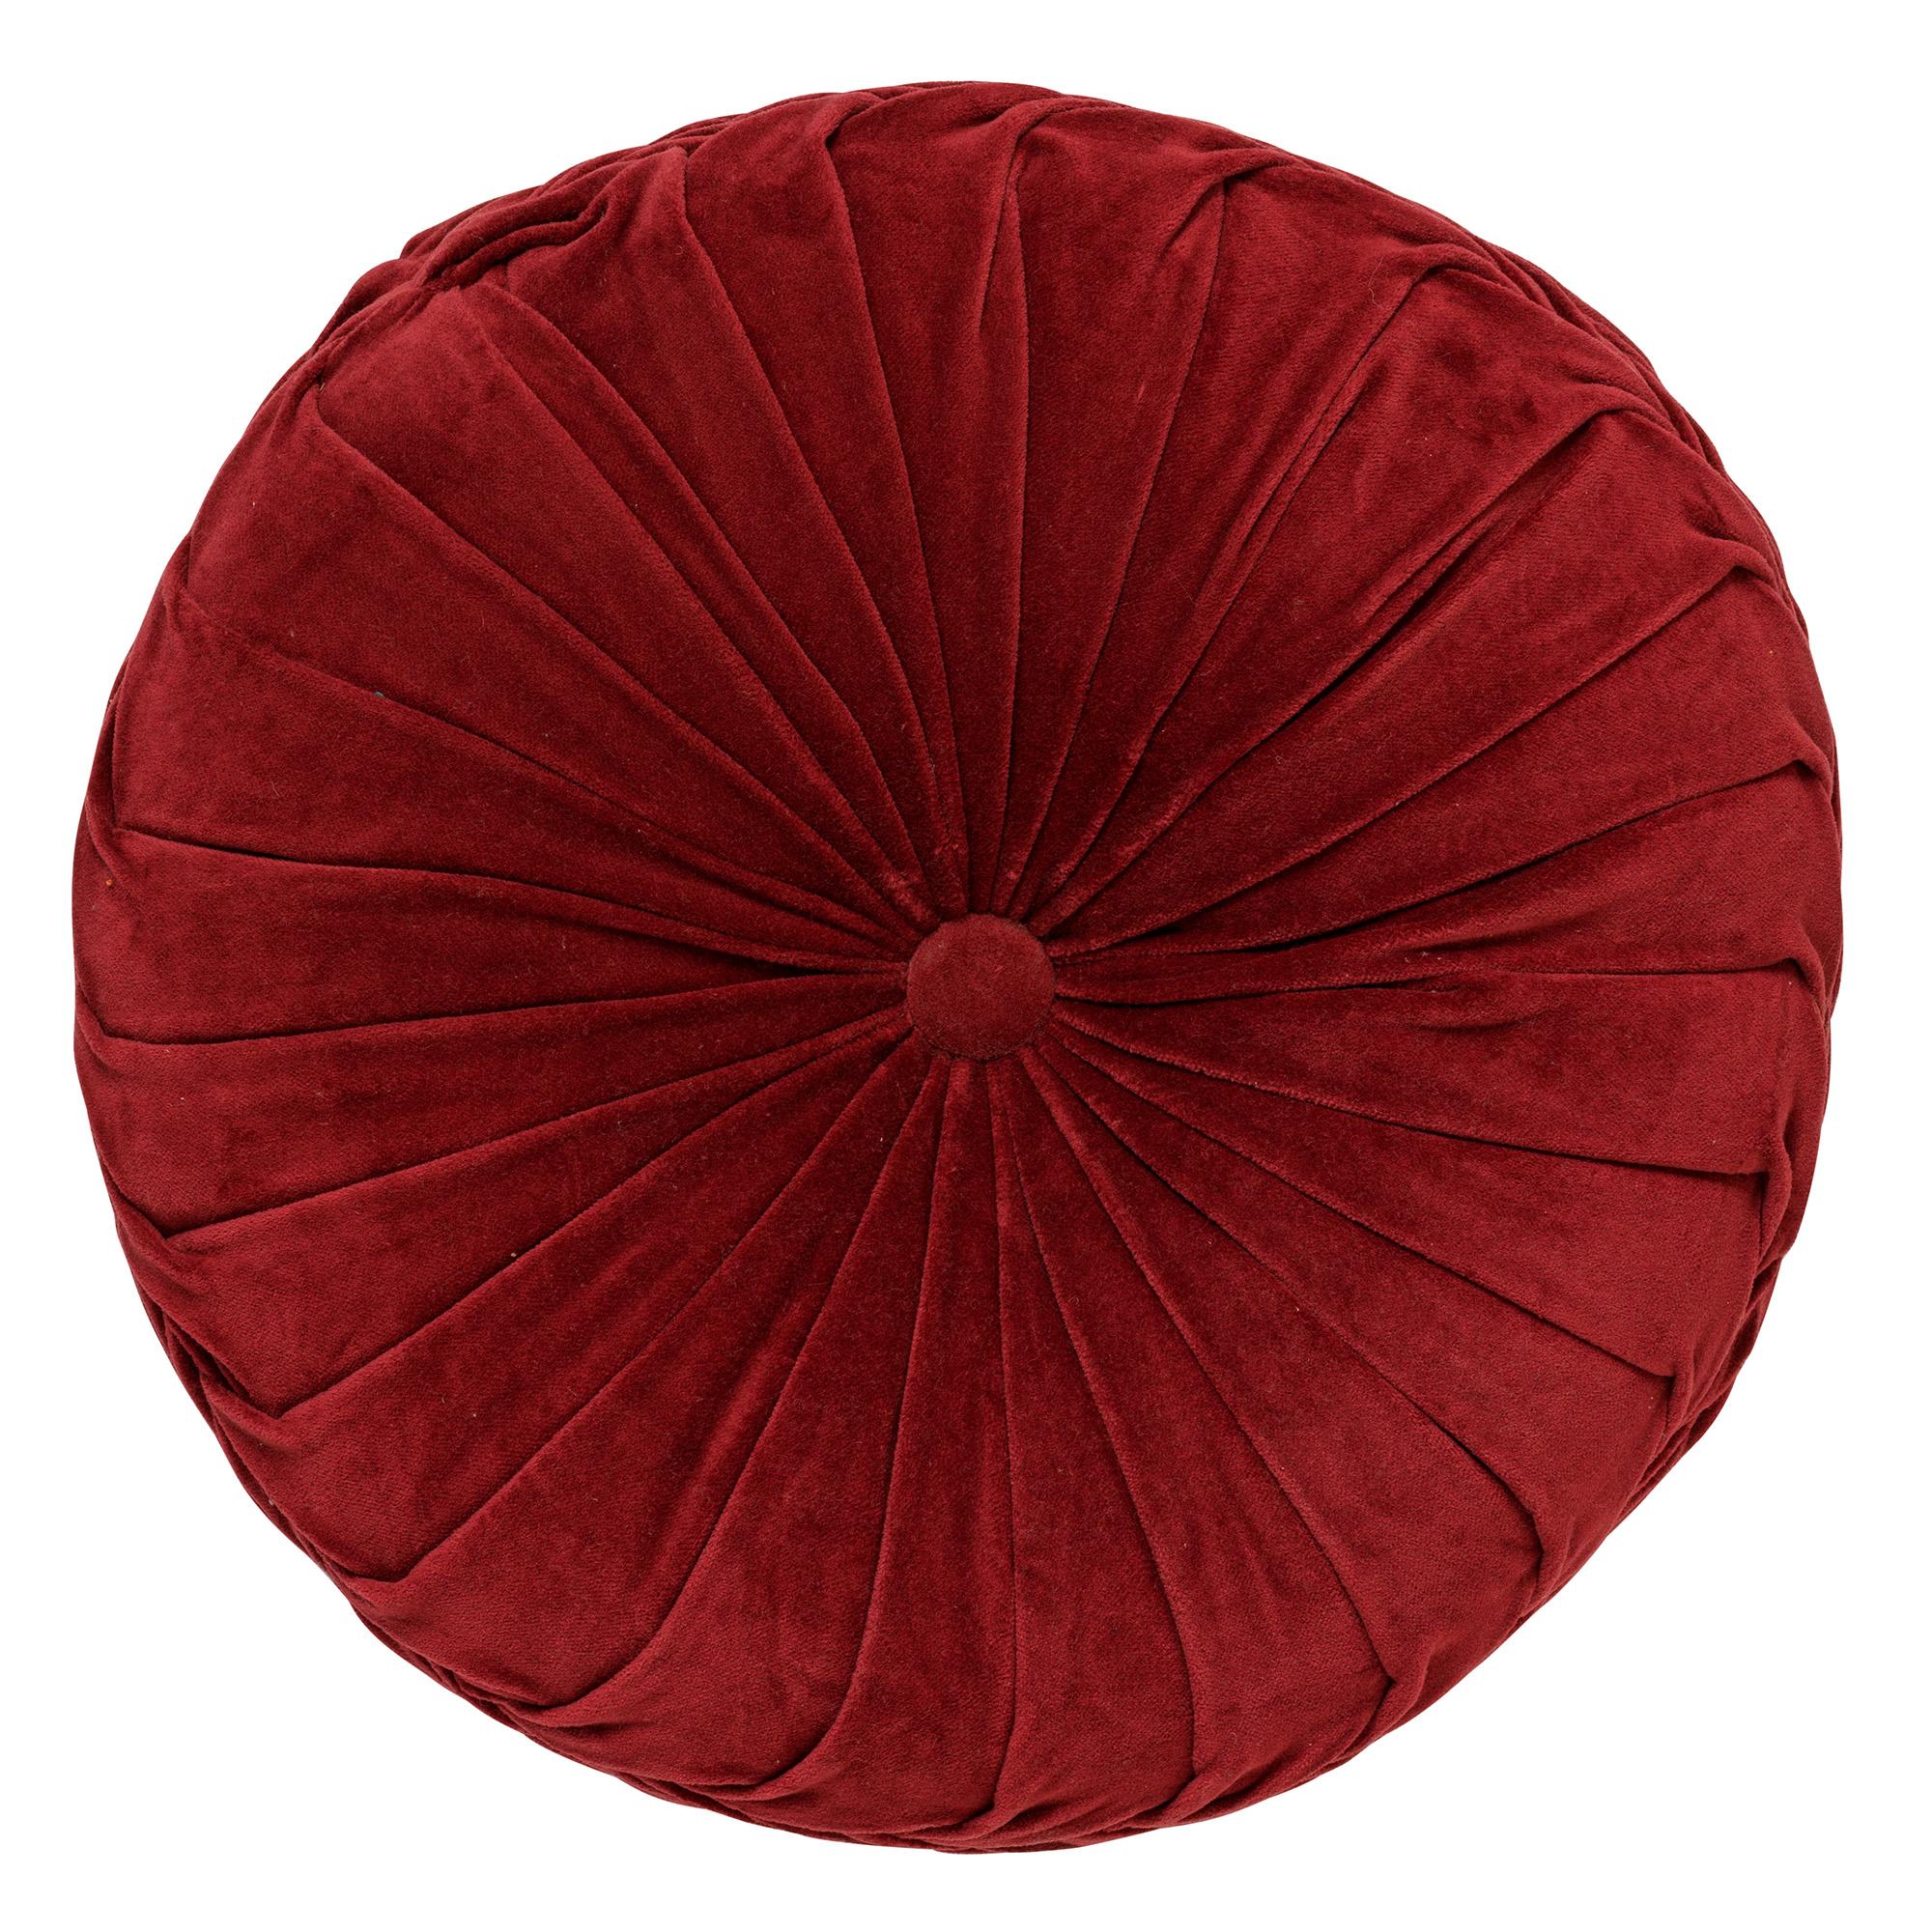 KAJA - Sierkussen rond velvet Merlot 40 cm